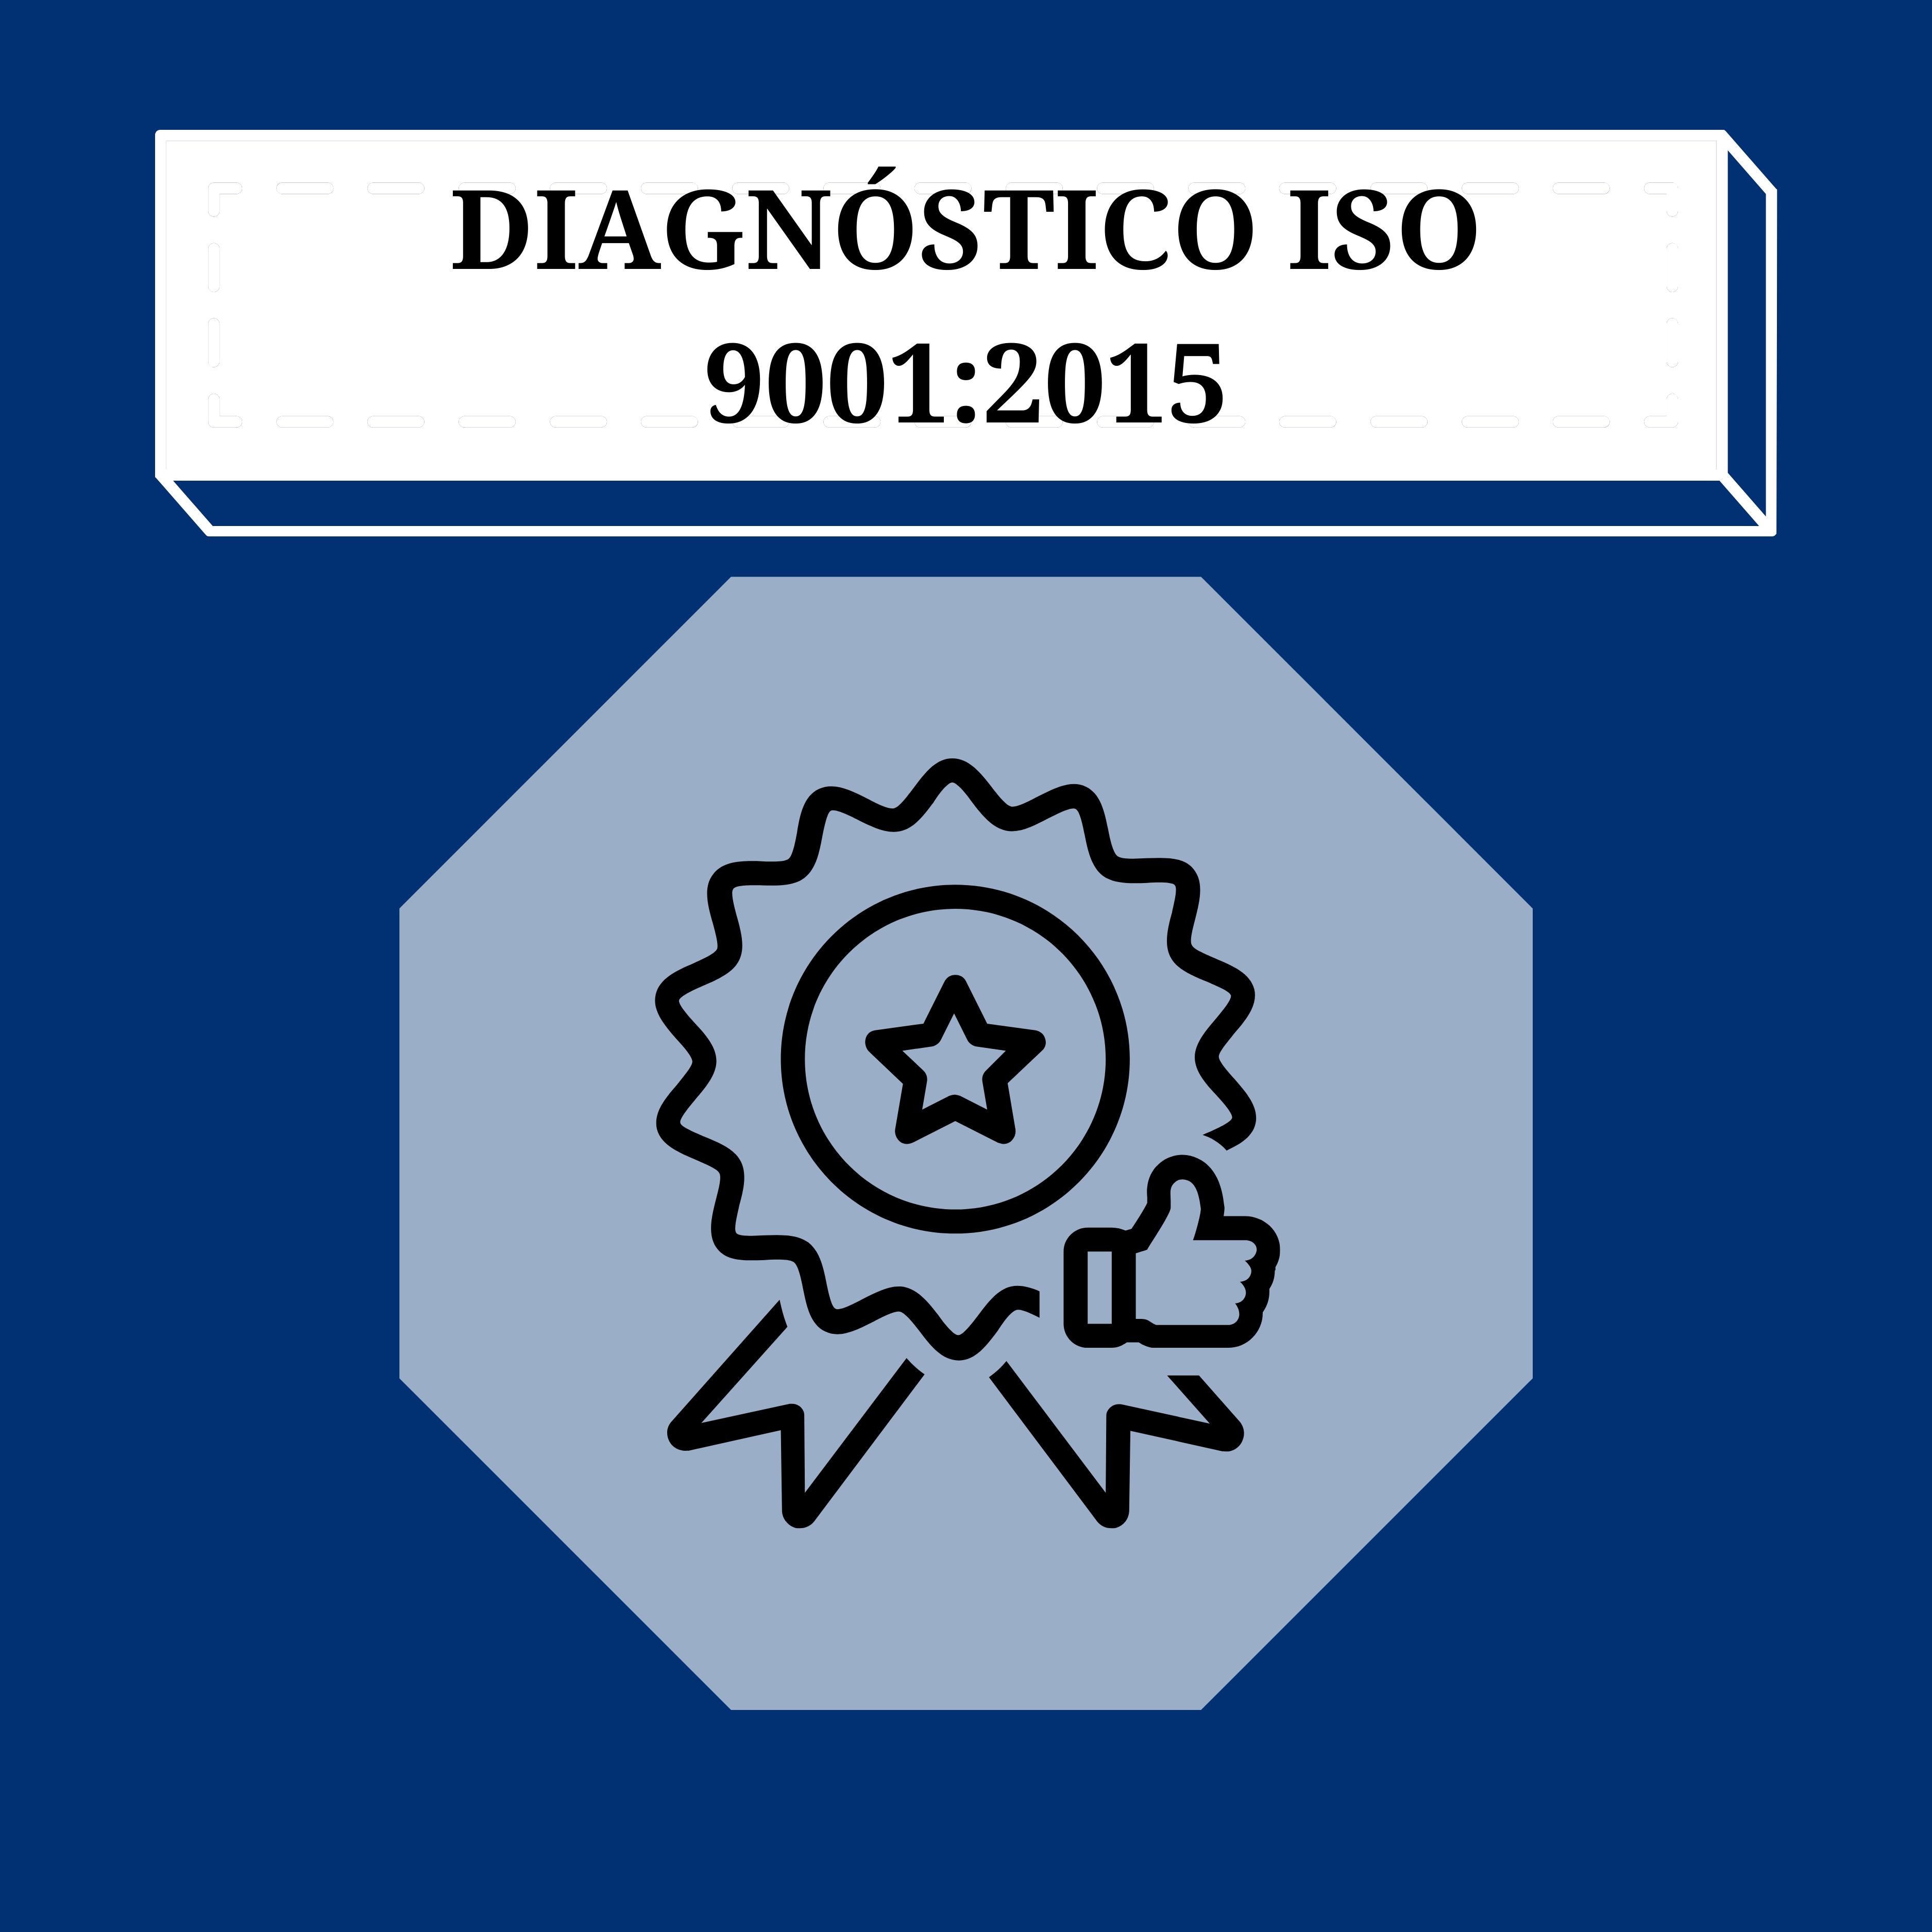 Diagnóstico ISO 9001